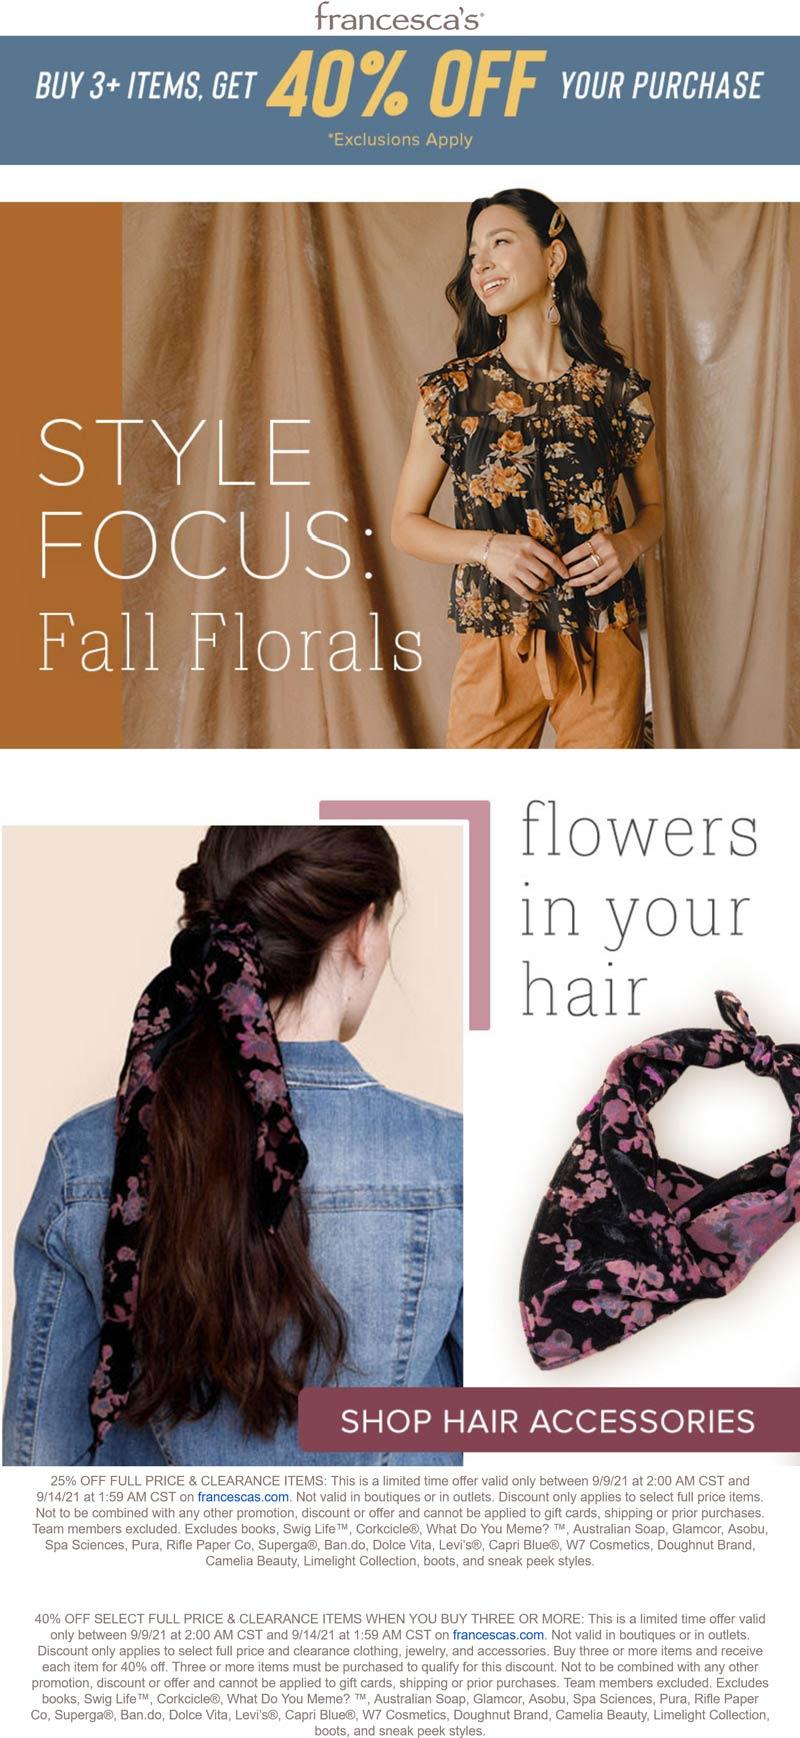 Francescas stores Coupon  40% off 3+ items online at Francescas #francescas